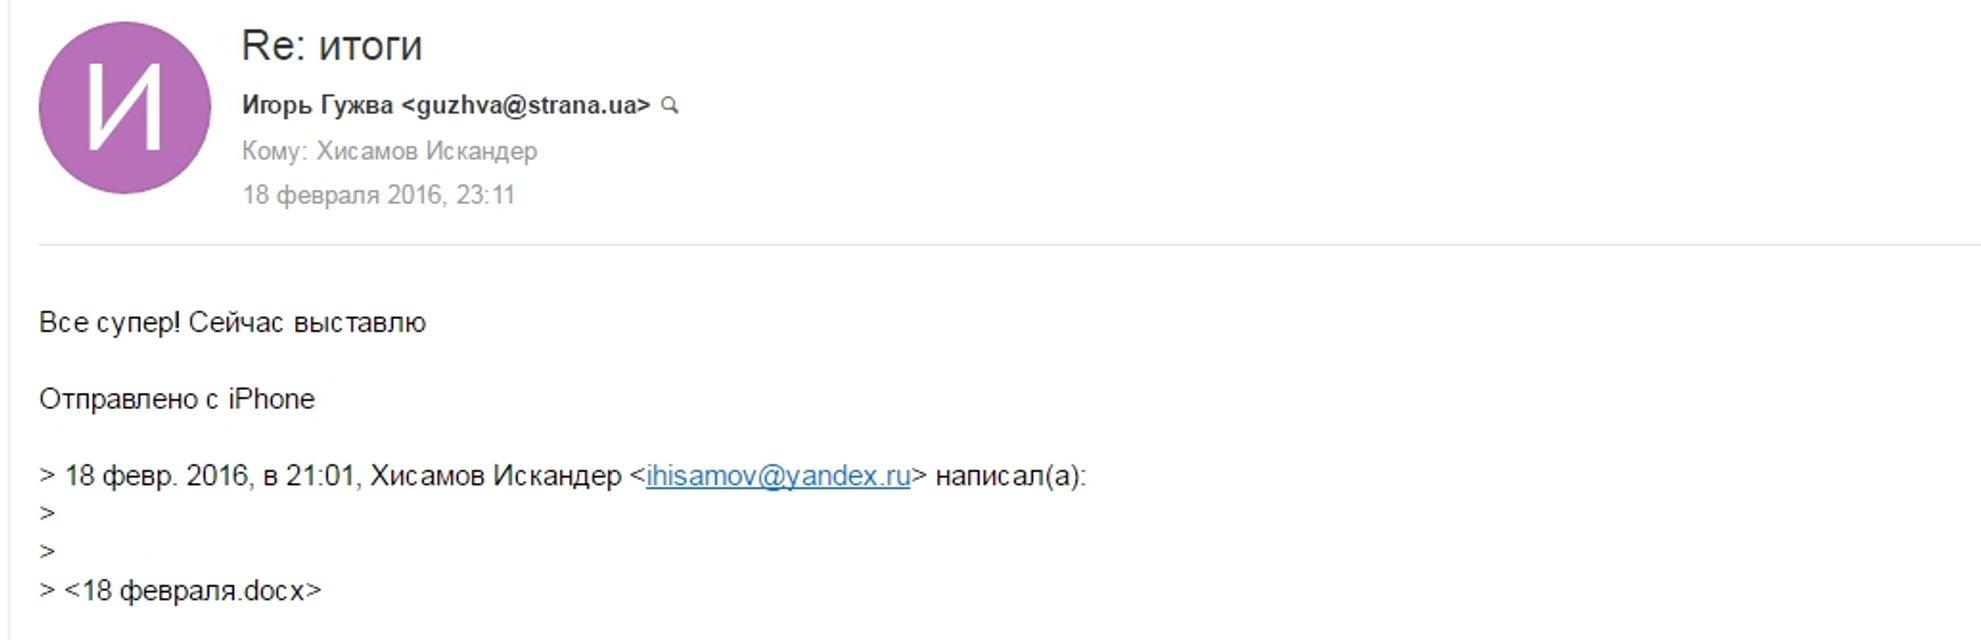 Как российские пропагандисты контролируют редакционную политику Страны.юа - фото 31593